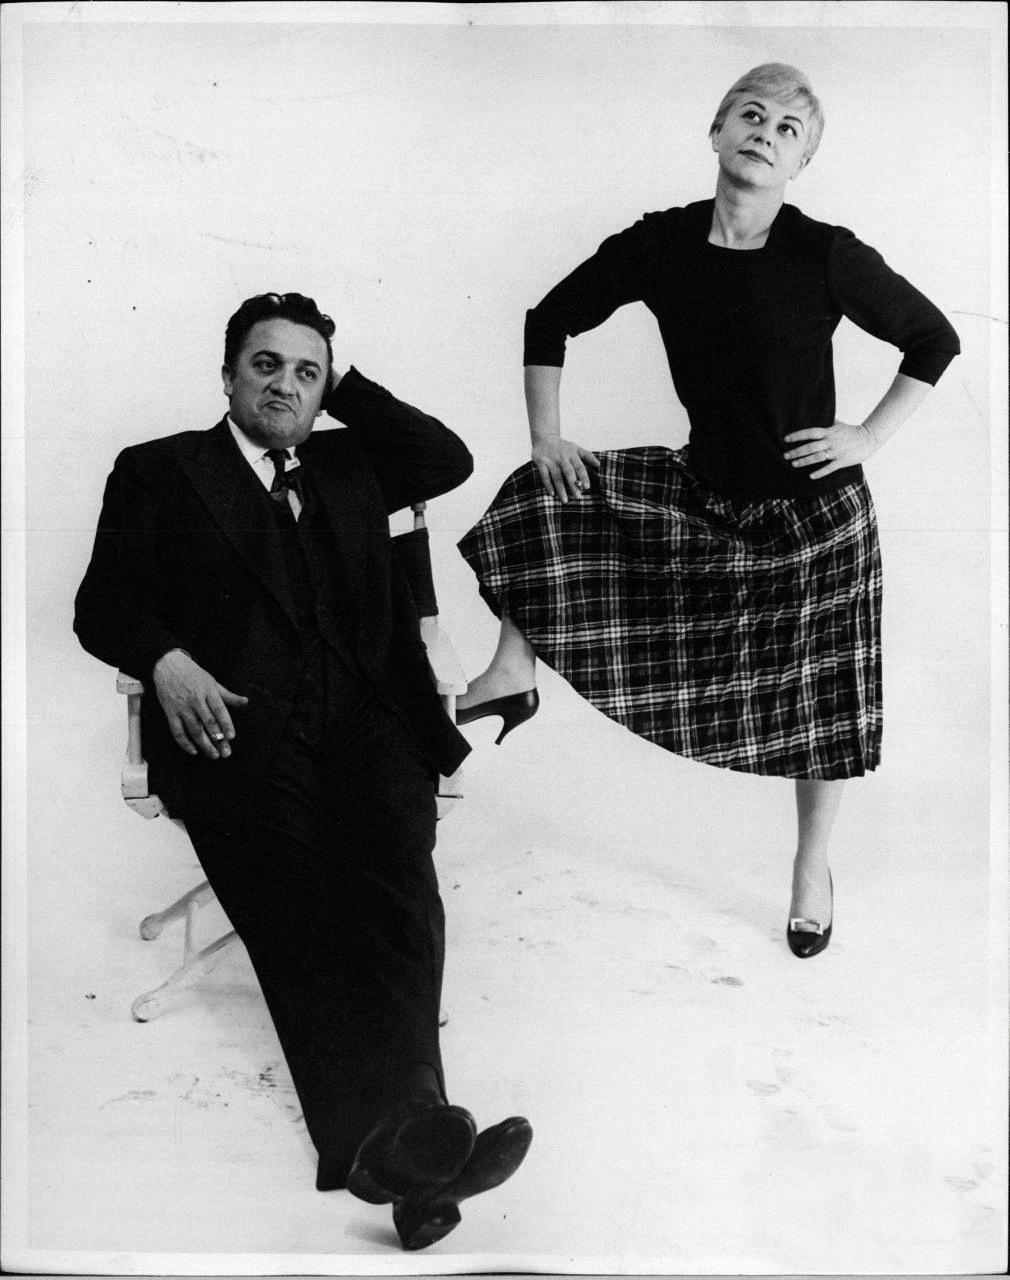 Fellini con Masina, en una de las típicas fotos que les gustaba sacarse a los dos.